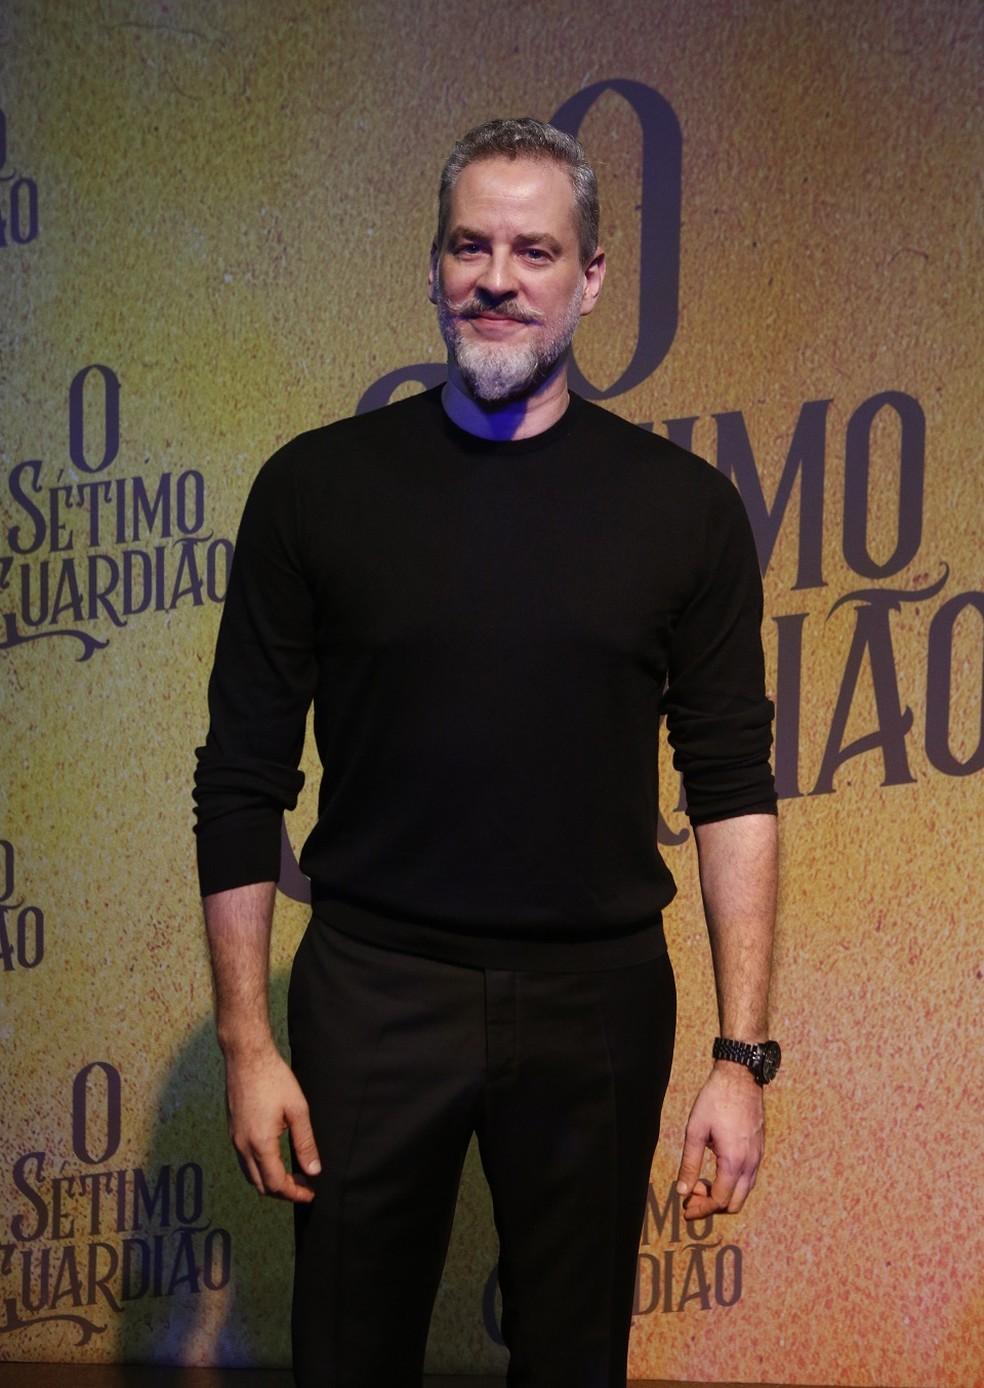 Dan Stulbach será o prefeito de Serro Azul em 'O Sétimo Guardião' — Foto: Fabiano Battaglin/Gshow